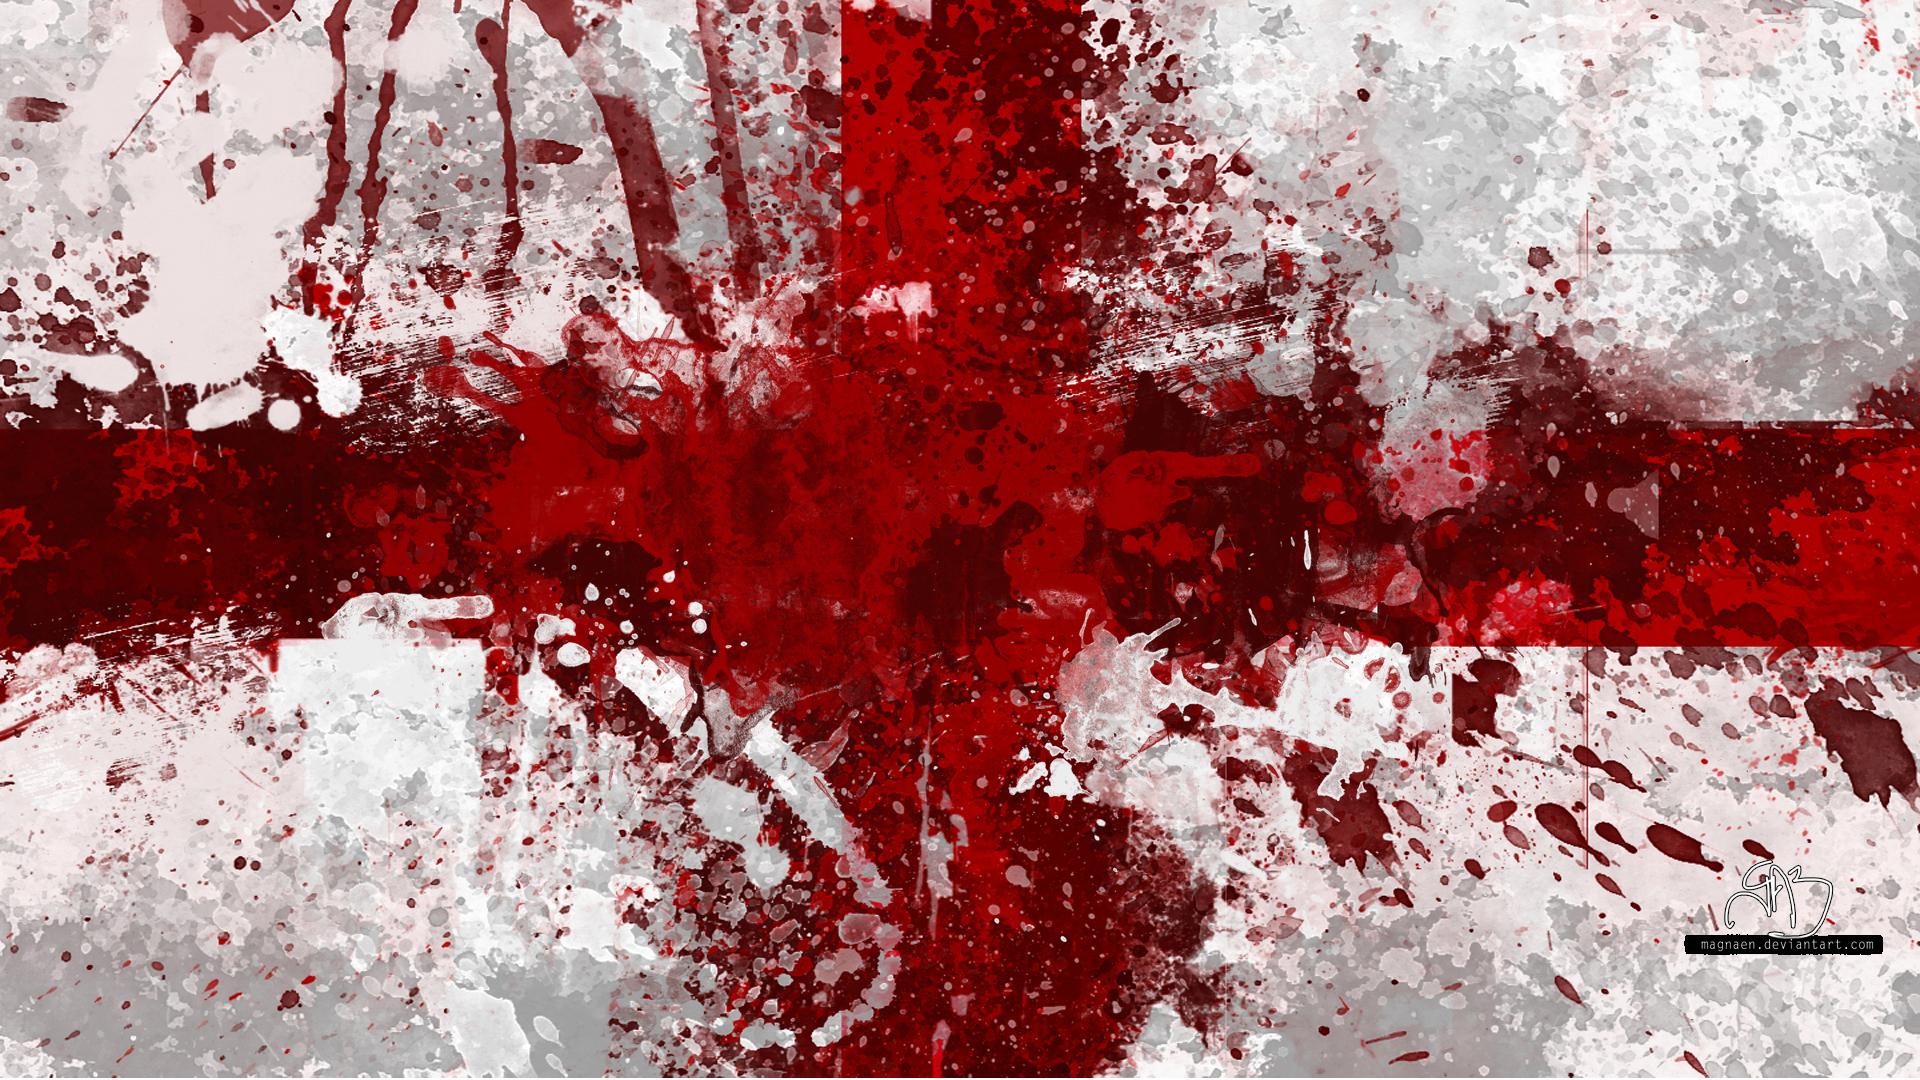 Blood Wallpaper - WallpaperSafari